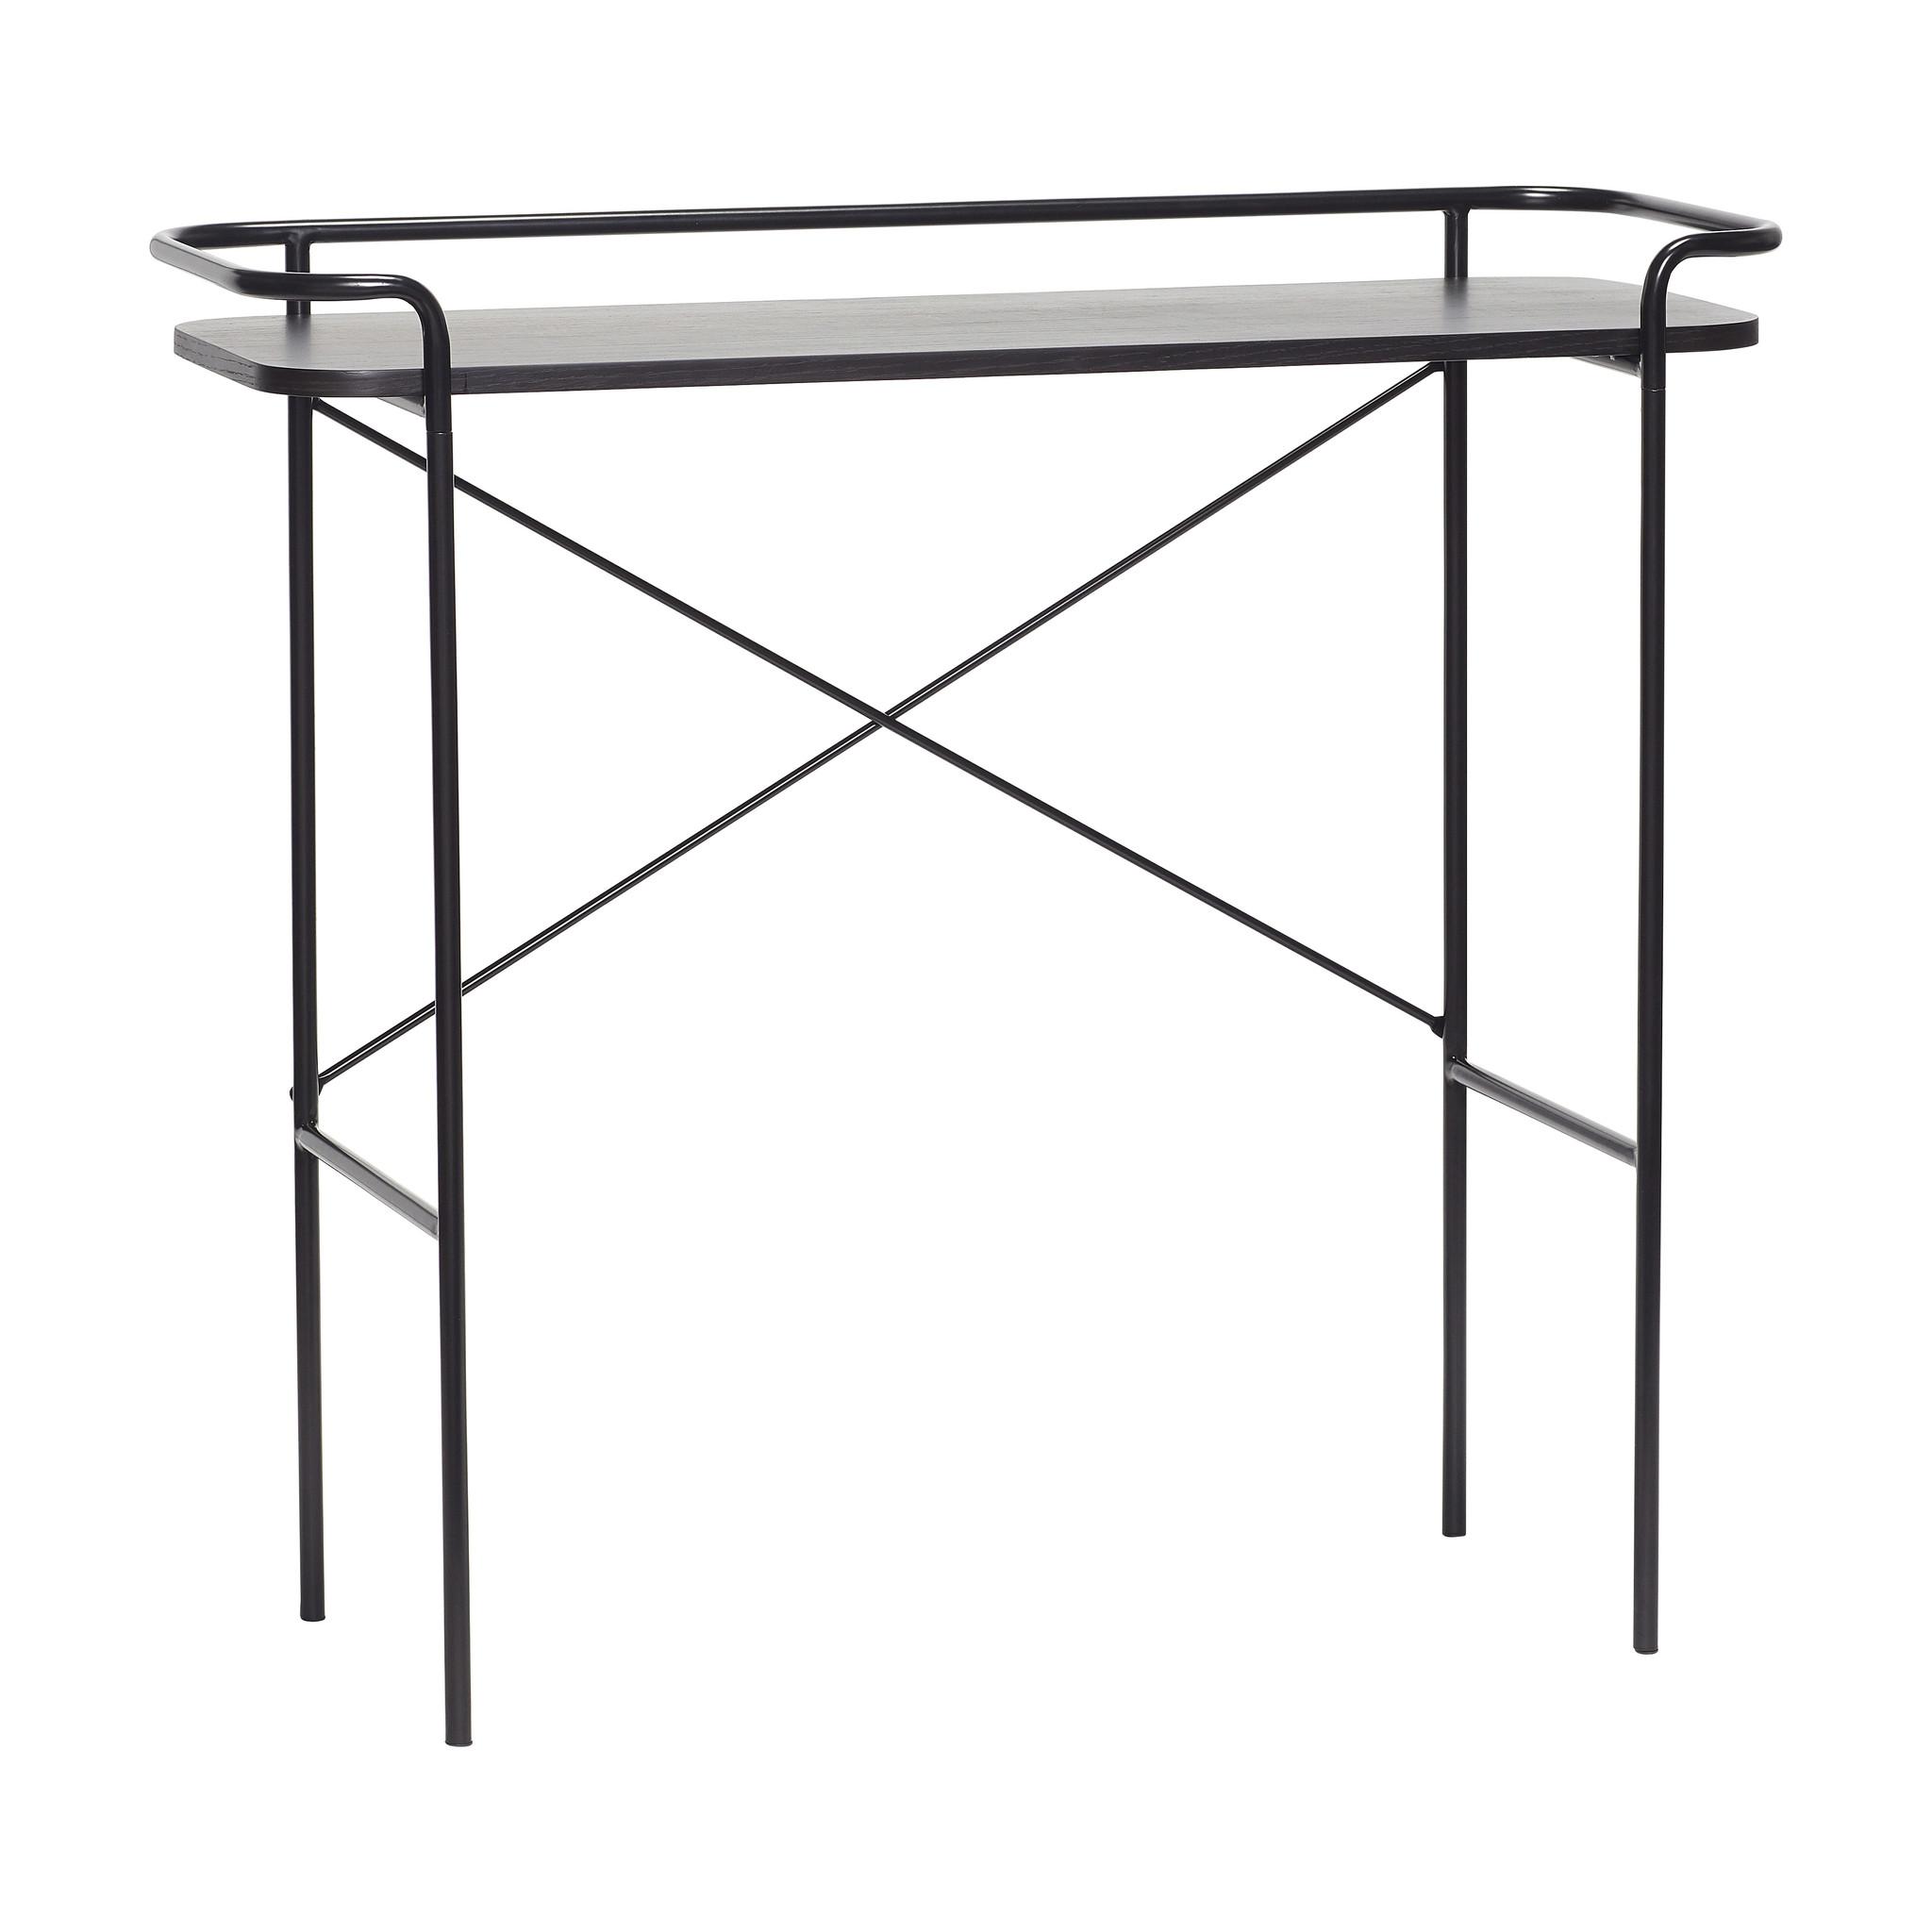 Hubsch Console tafel, metaal, zwart